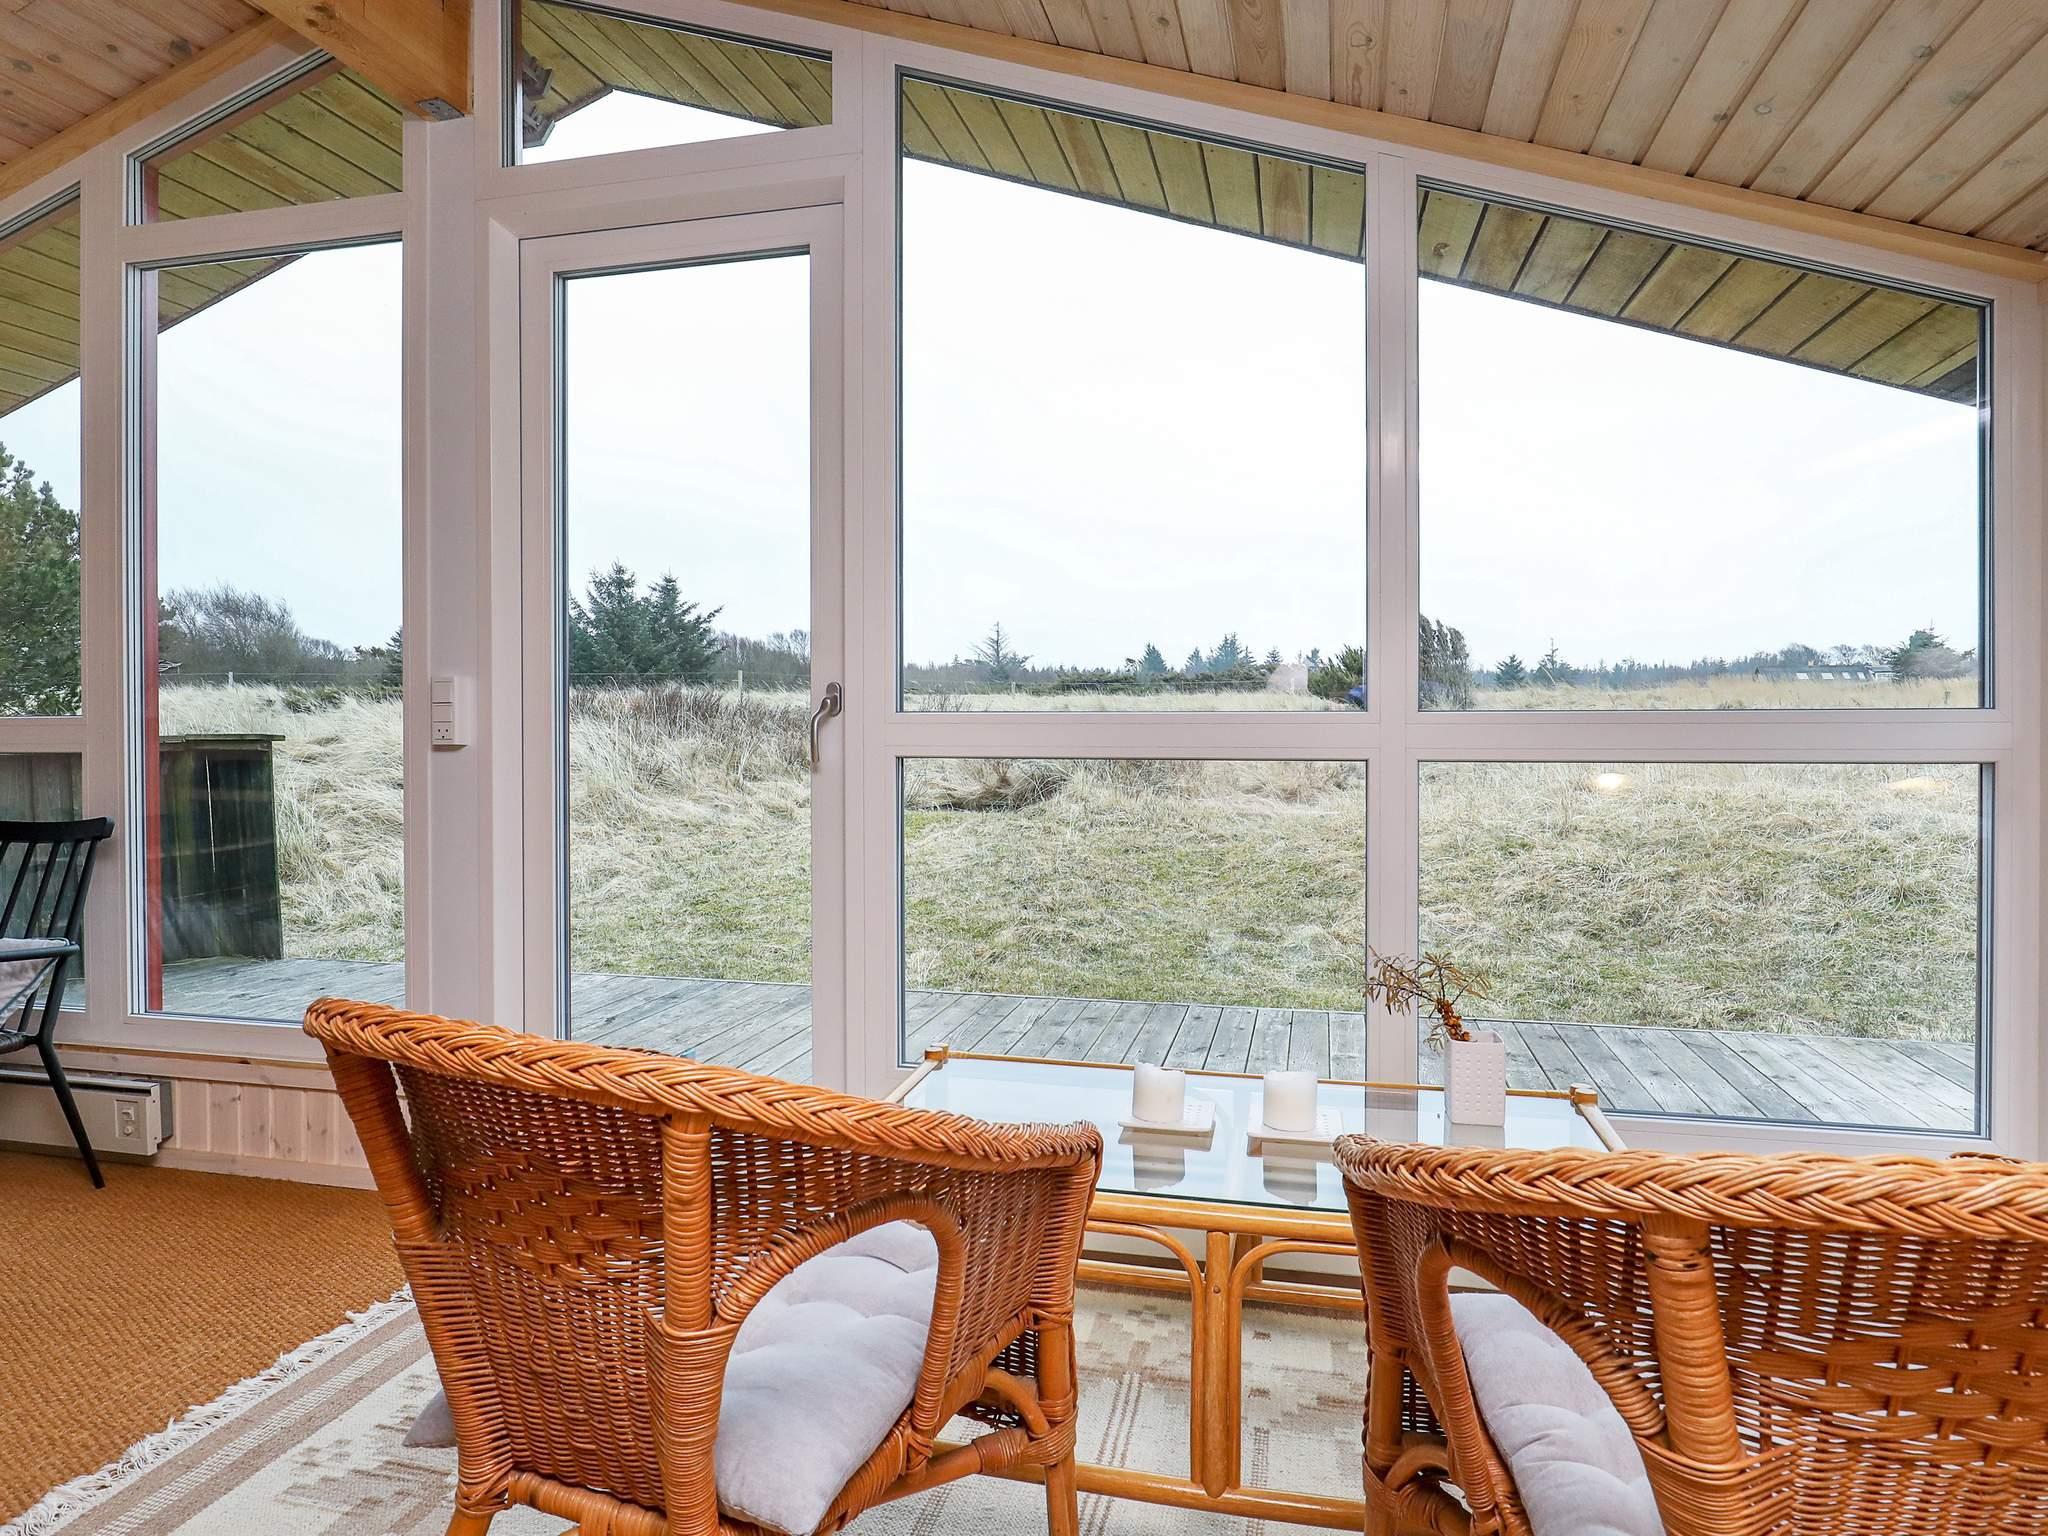 Ferienhaus Kjul Strand (319409), Hirtshals, , Nordwestjütland, Dänemark, Bild 4